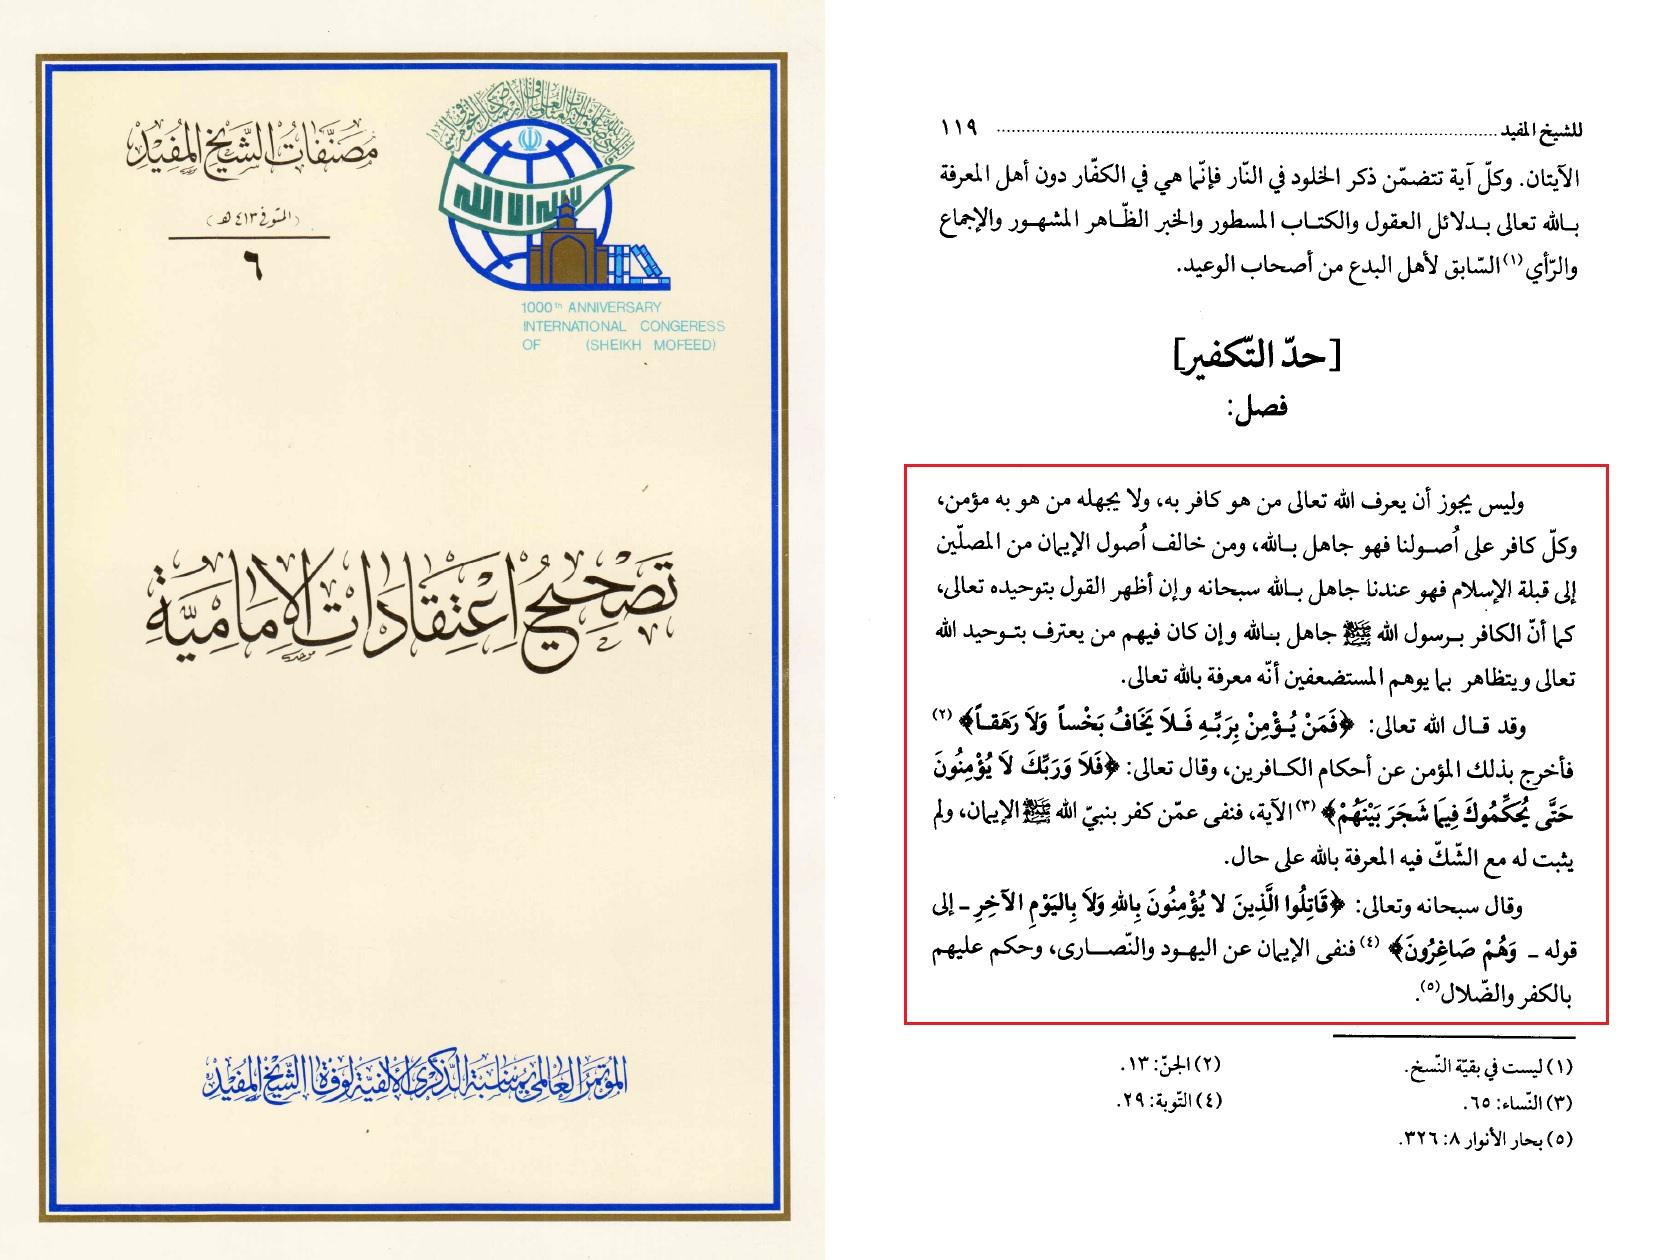 Tashih-e E3teqadat-e Emamiyyah S 119